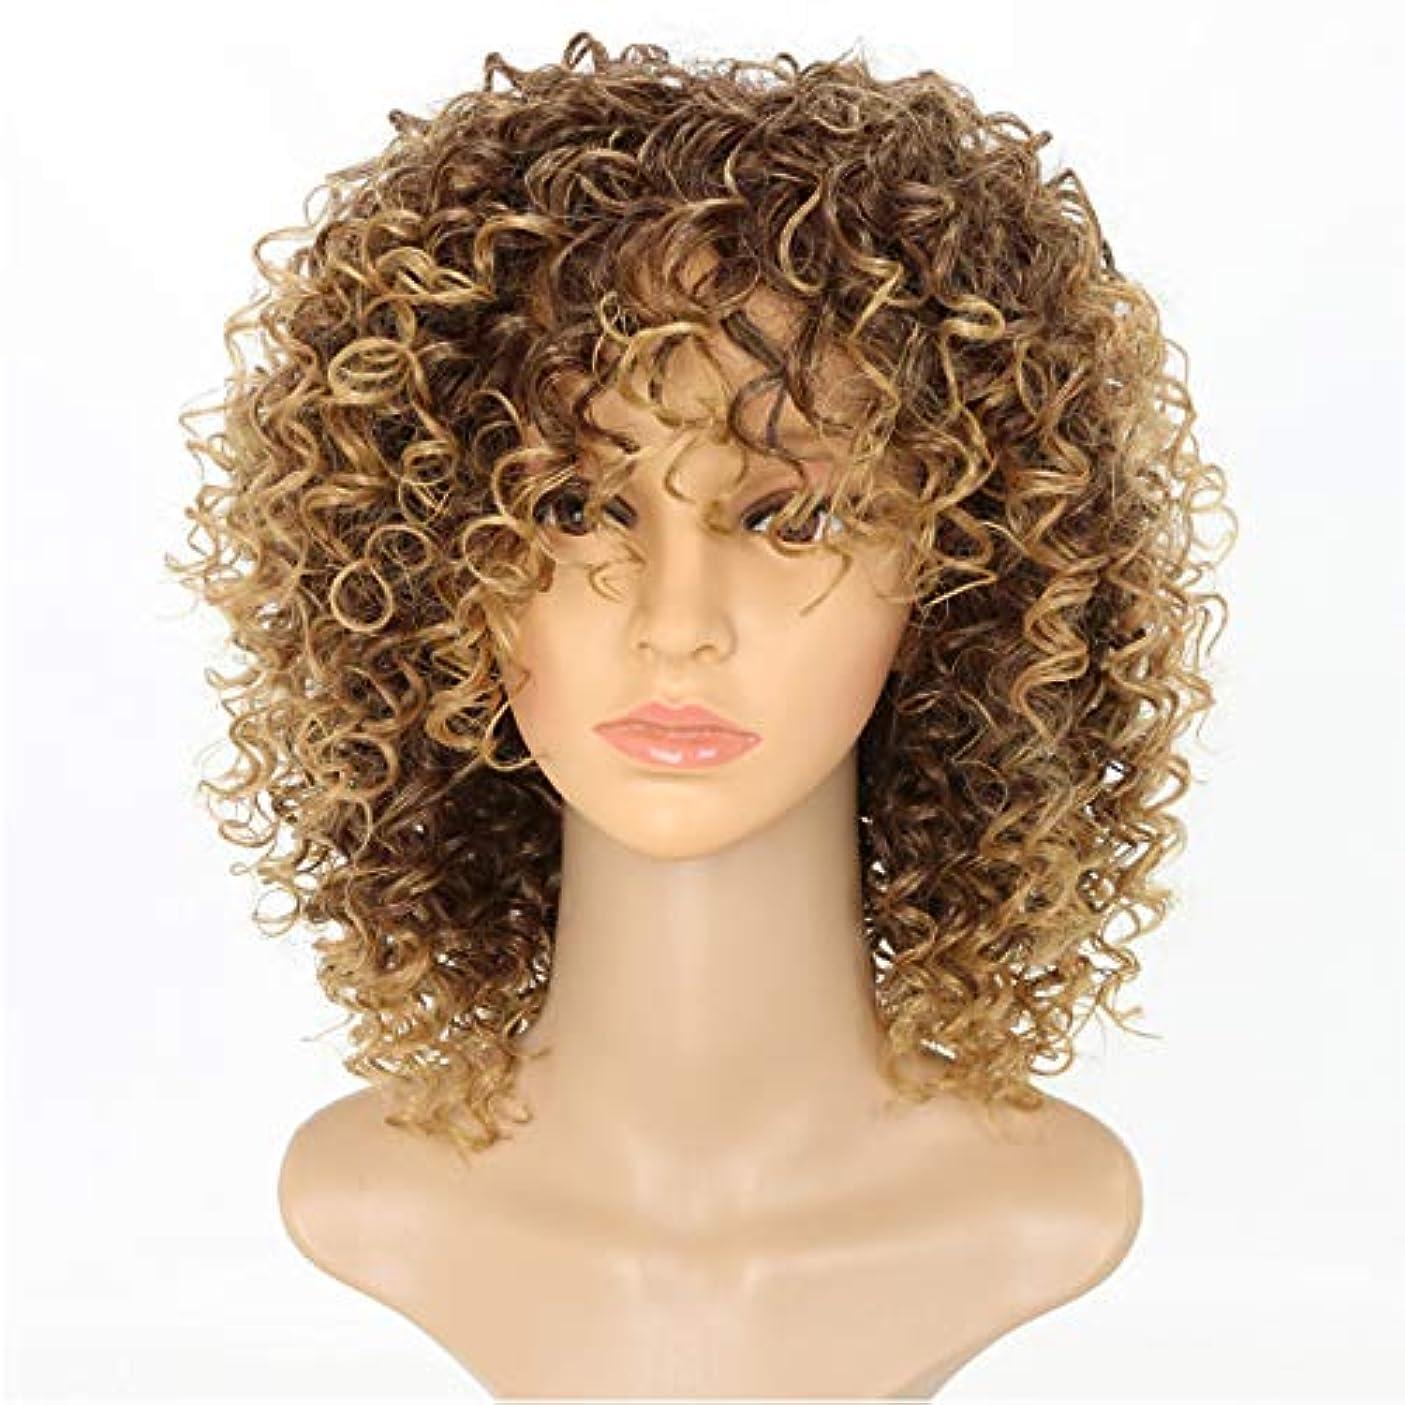 表現ウイルス埋める黒人女性カーリーショートカーリー変態かつら茶色の女性ふわふわ波状のかつら自然な合成ファッションかつら